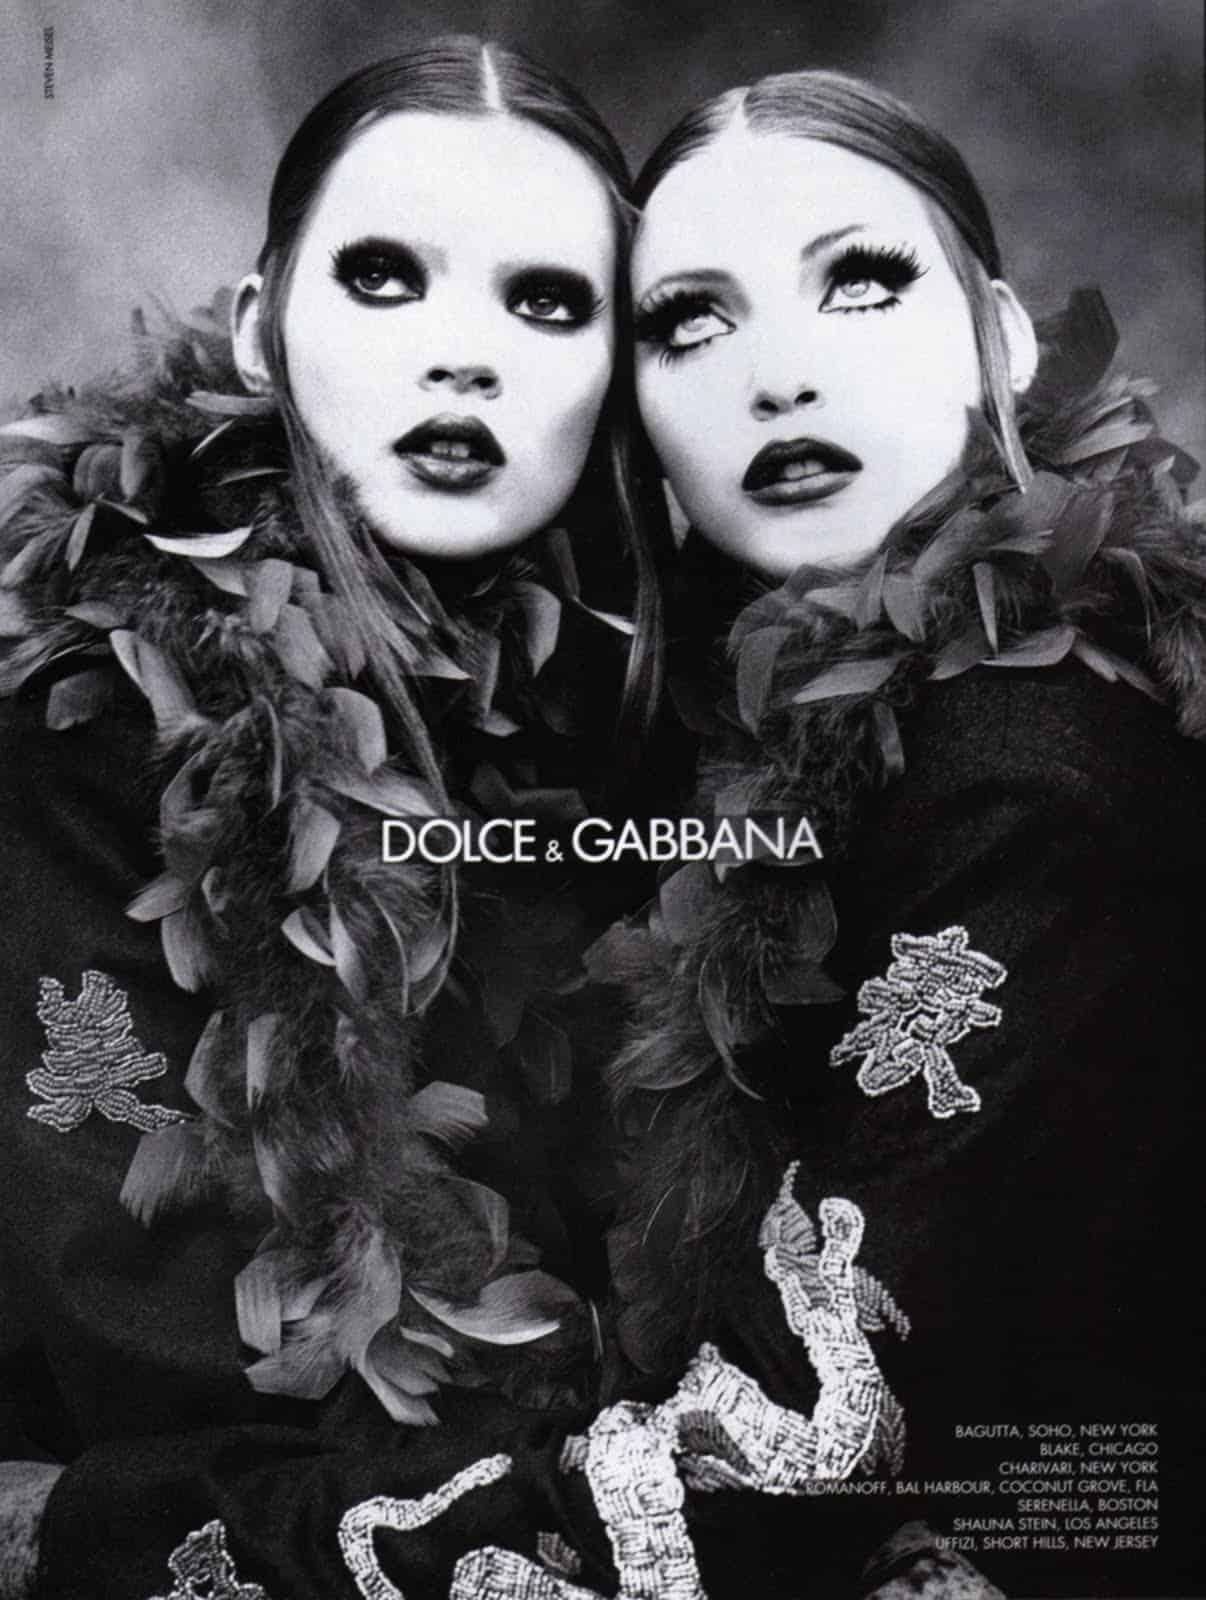 Met Nadja Auermann voor Dolce & Gabbana in 1992